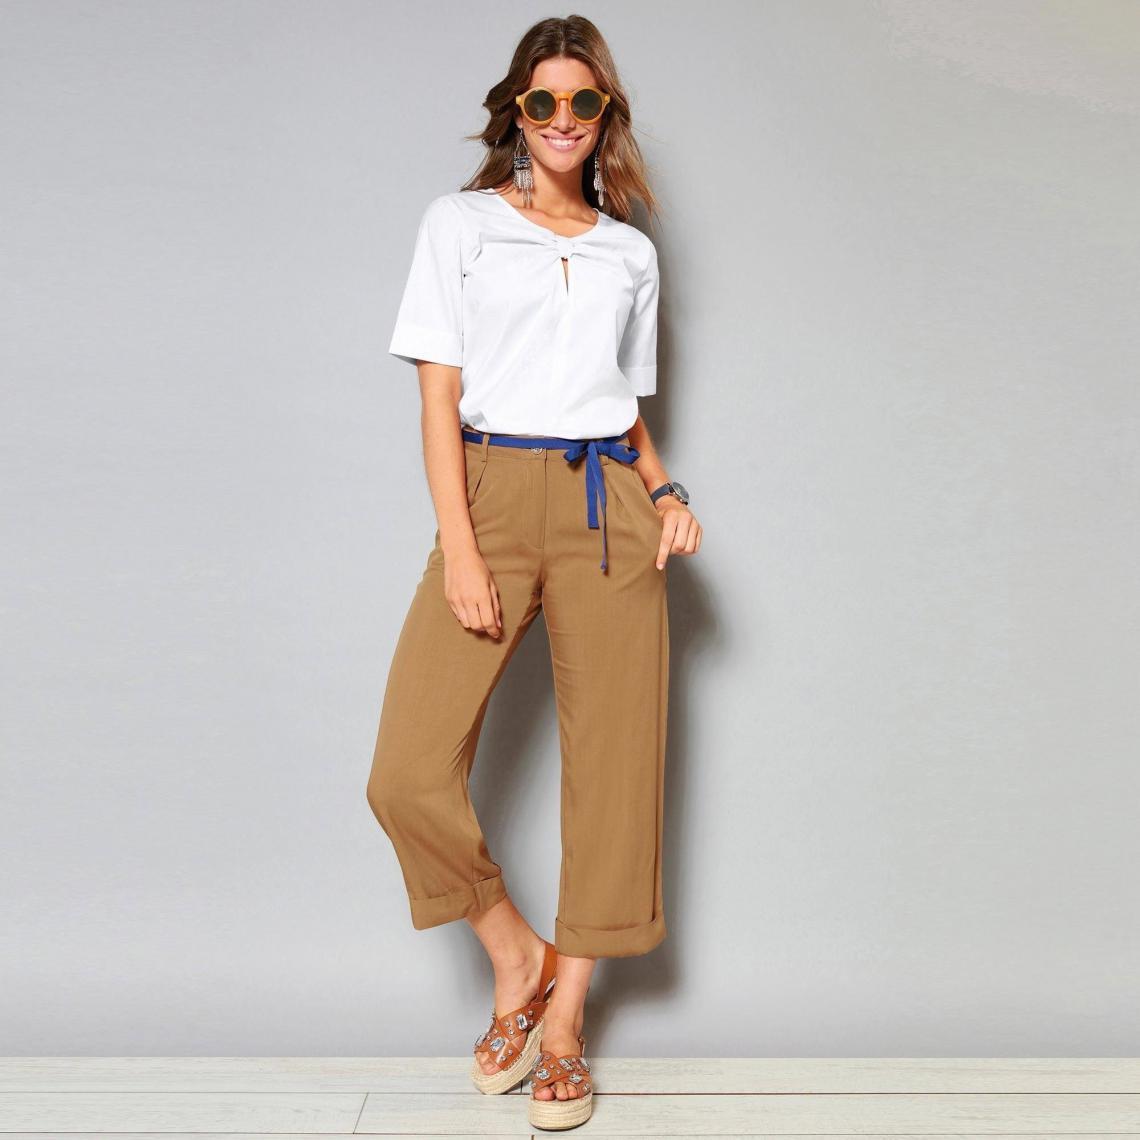 Pantalon à revers ceinture ruban et pinces - Camel - 3 SUISSES - Modalova